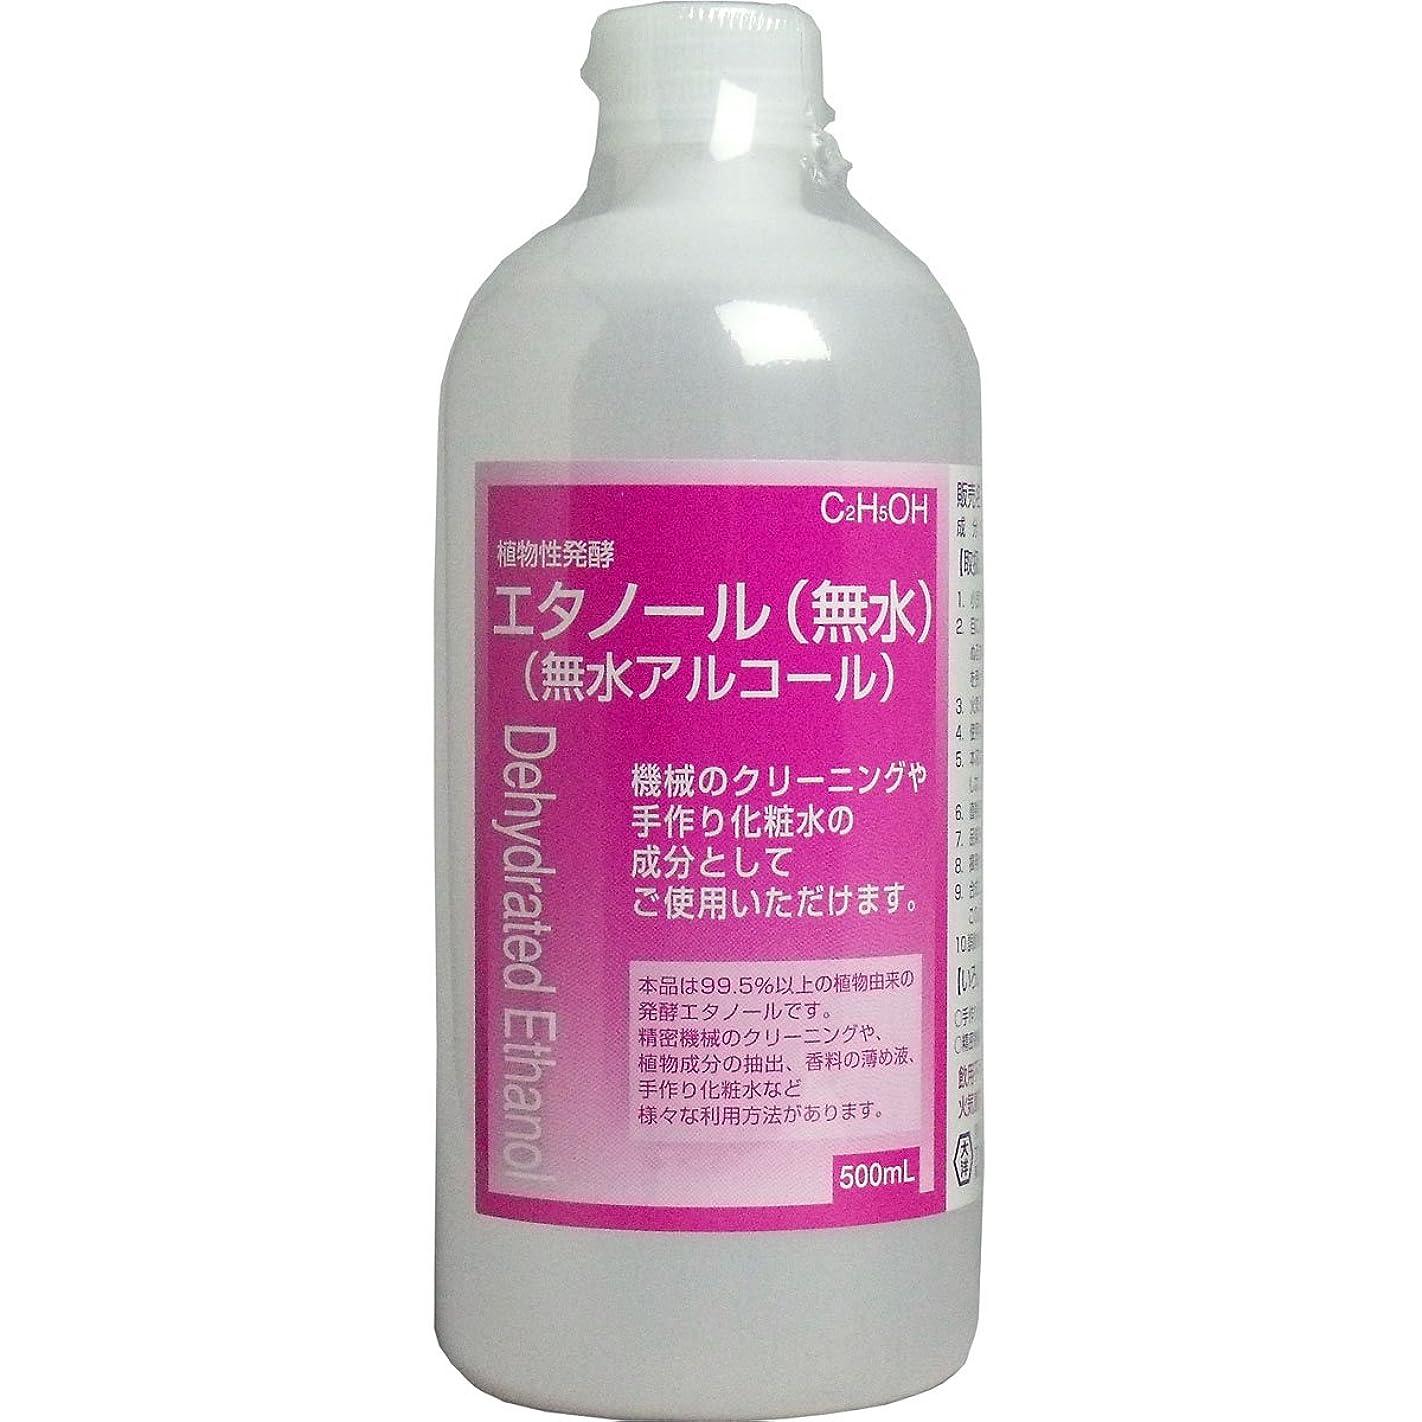 分子嫌がる麻痺手作り化粧水に 植物性発酵エタノール(無水エタノール) 500mL 2本セット